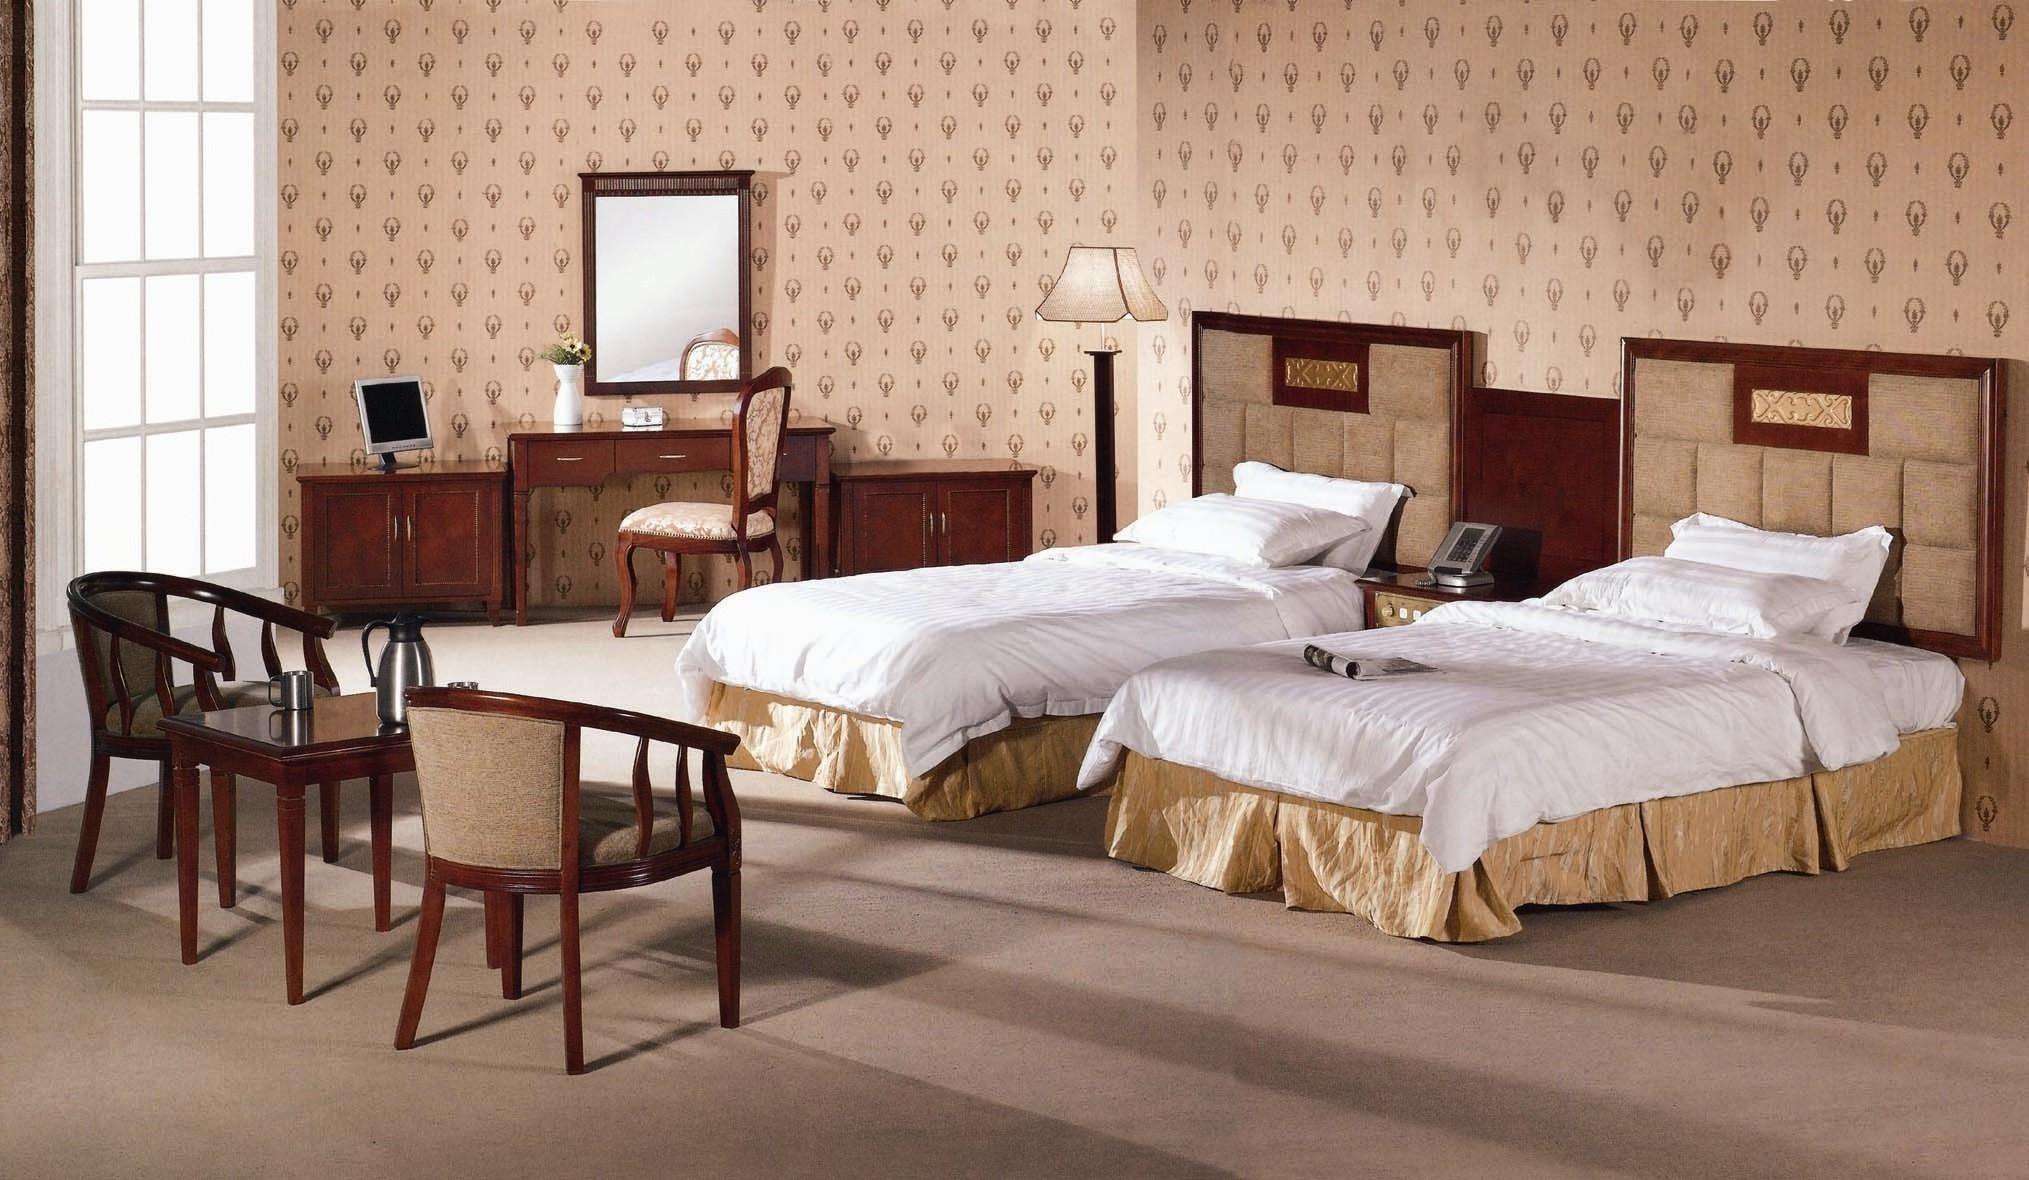 غرفة نوم فندق 18 – العقيل للأثاث